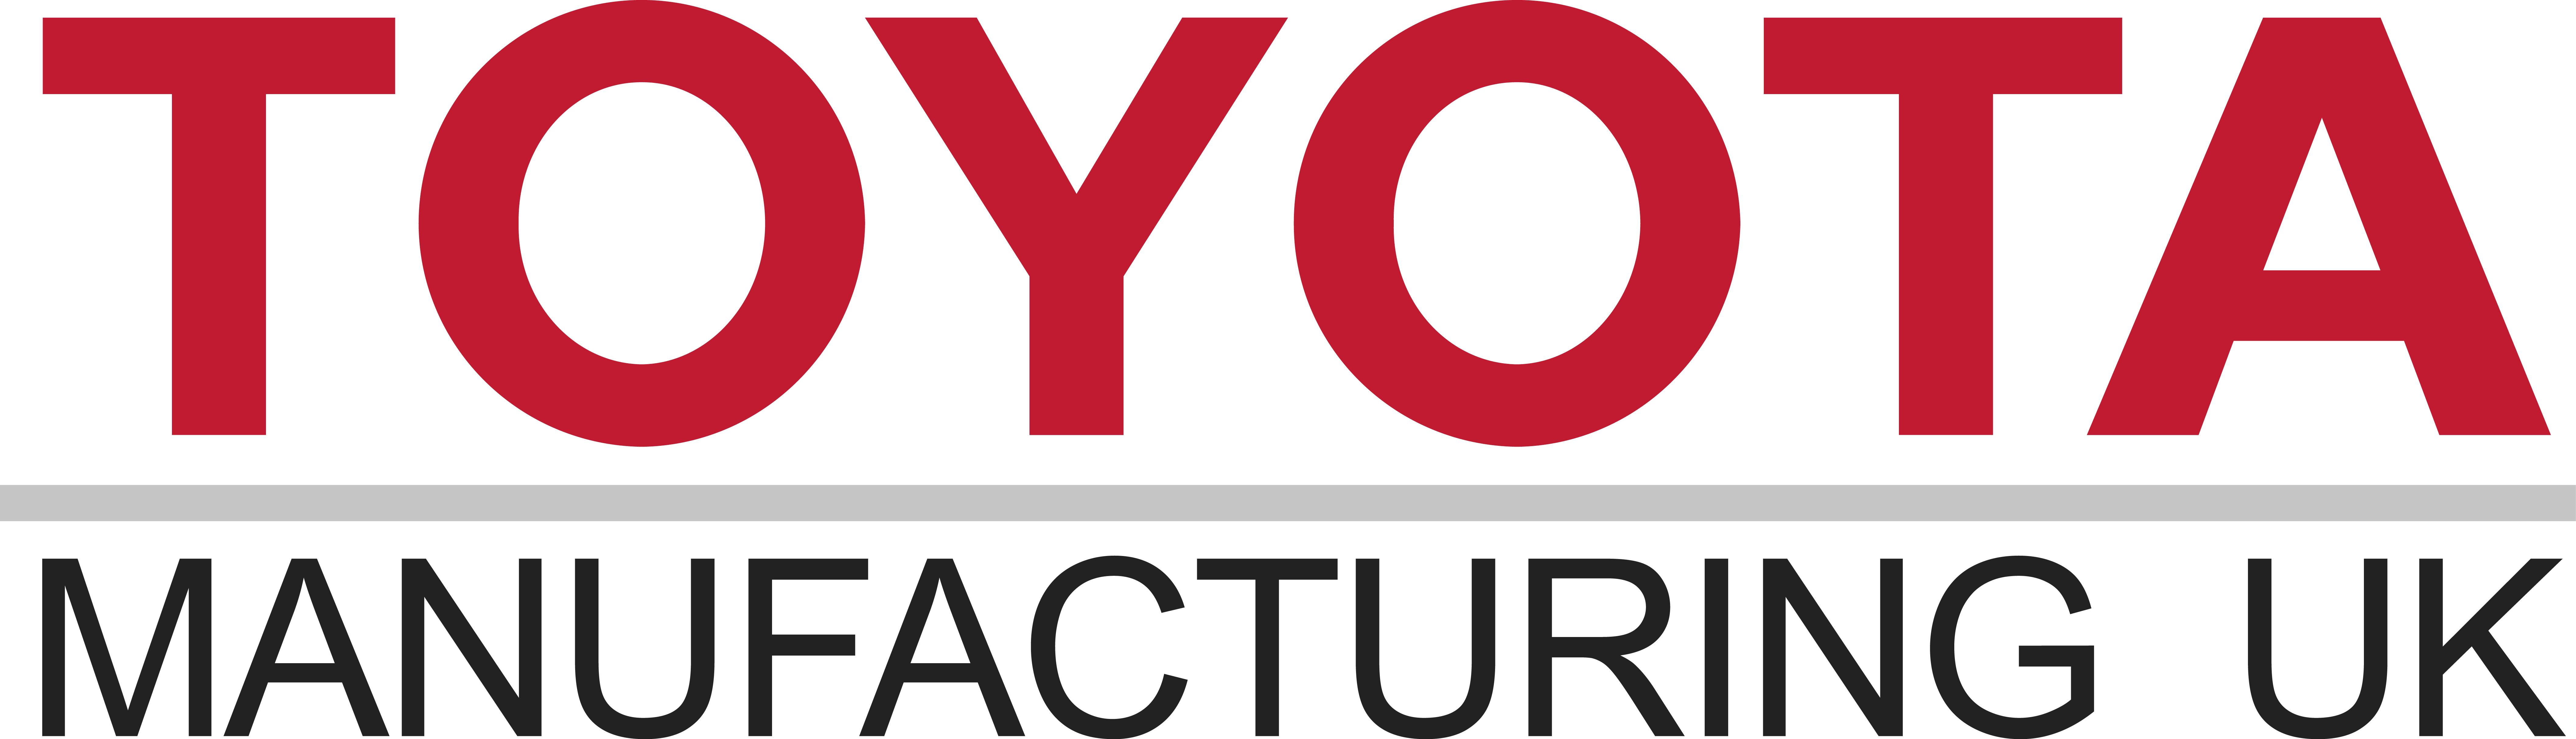 Toyota Motor Manufacturing (UK) Ltd logo